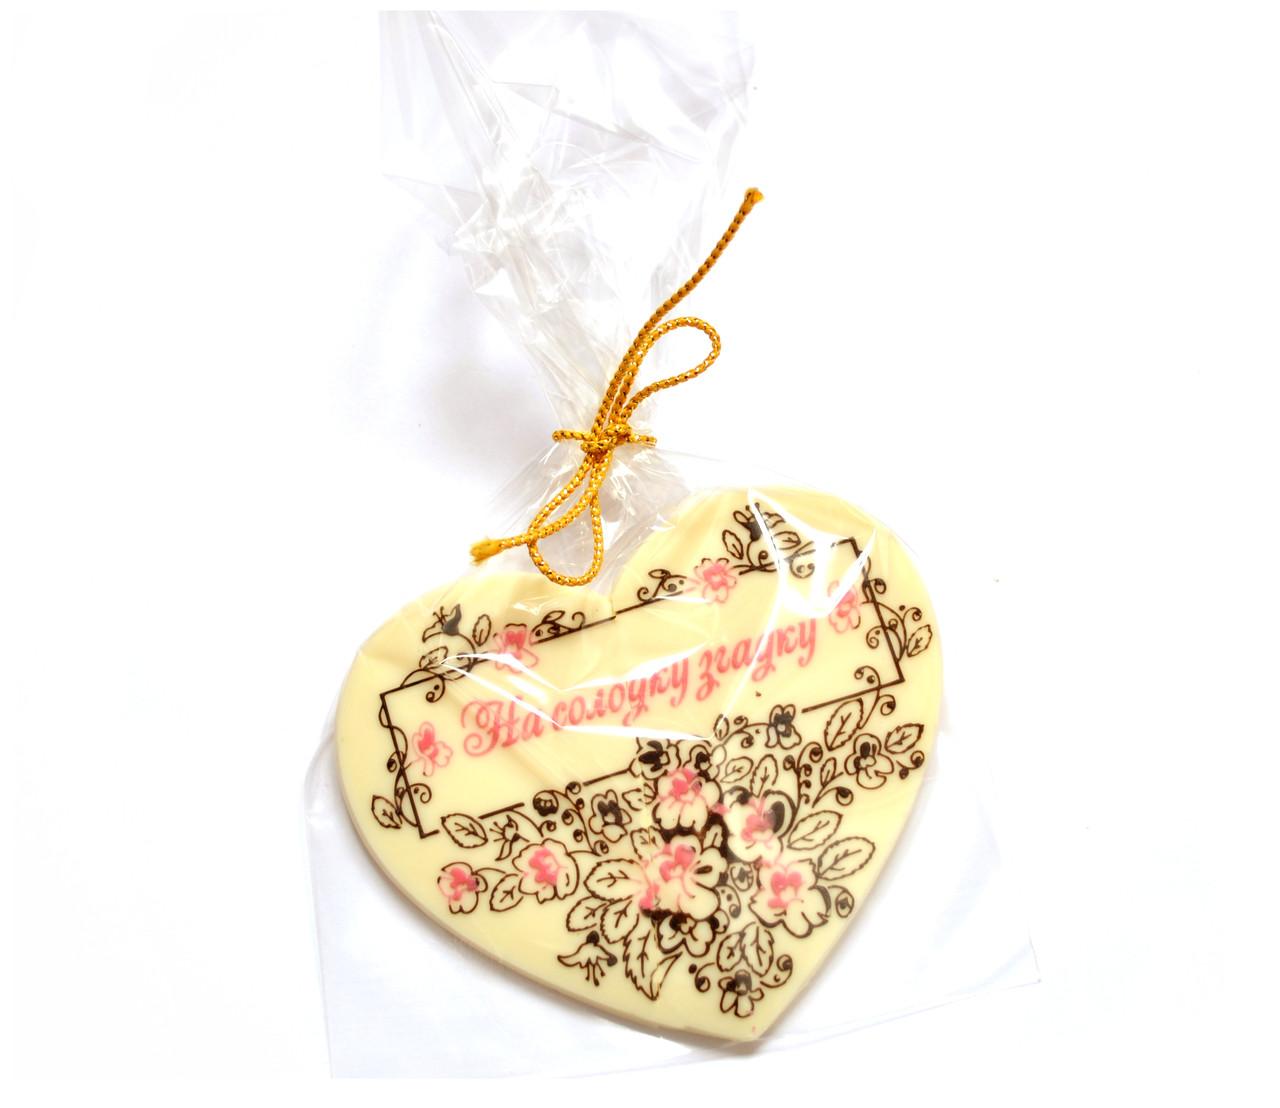 """Шоколадные подарки для гостей Вашего Праздника. Маленькие сладкие подарки - Интернет-магазин """"Шоколадный Рай"""" в Тернополе"""